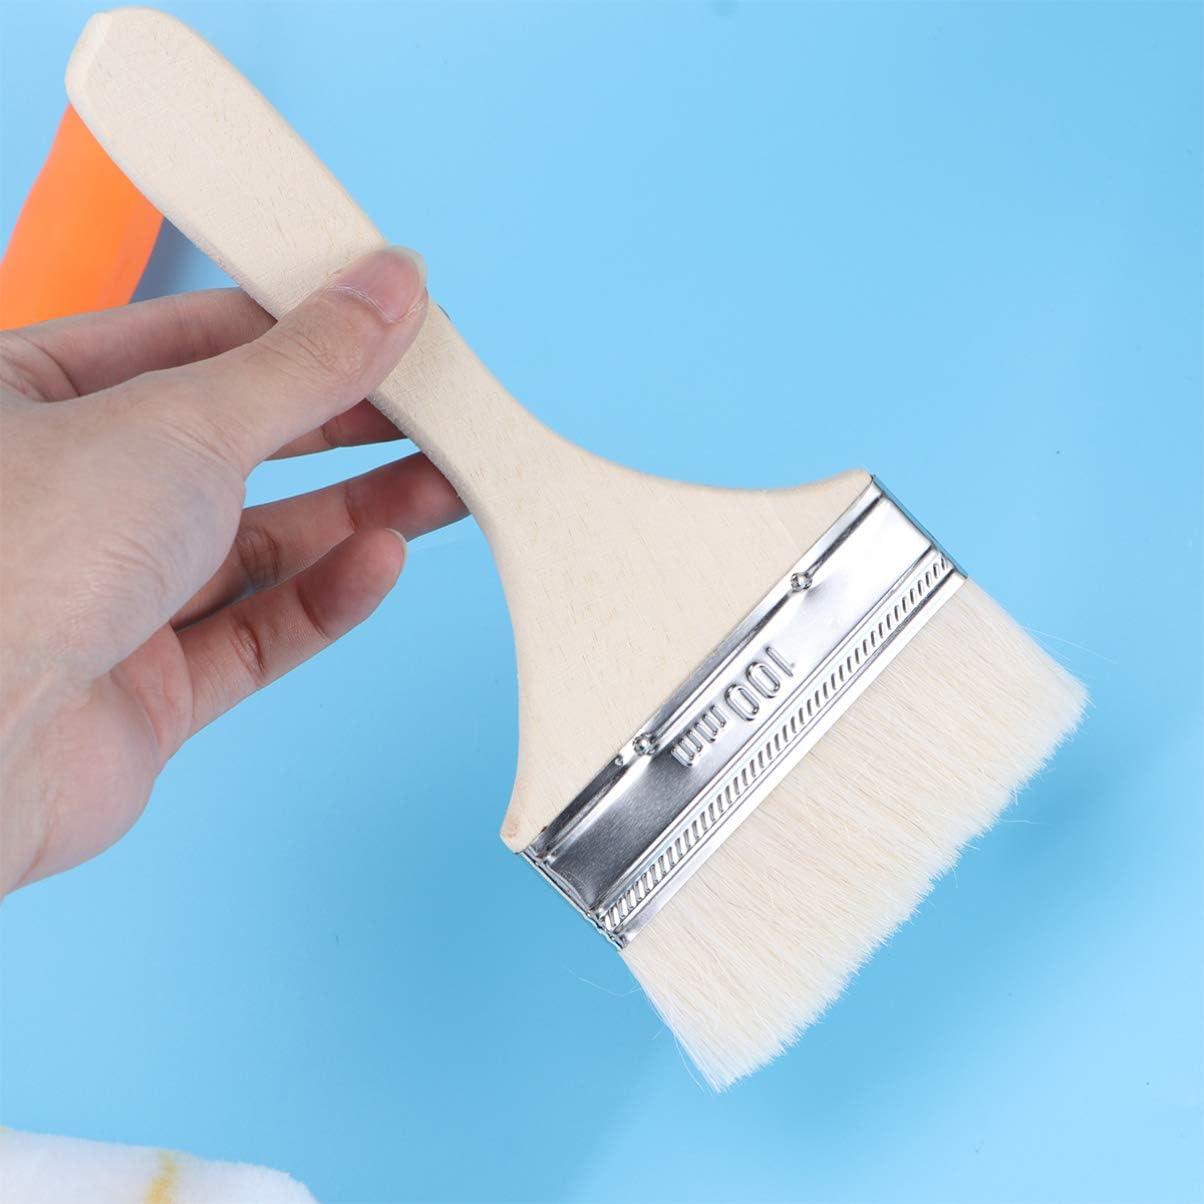 SUPVOX 1 Set Professionnel Pinceau /à jetons pinceaux Rouleau de Peinture bac /à la Maison Fournitures de Peinture Laine Brosse Outils de Peinture